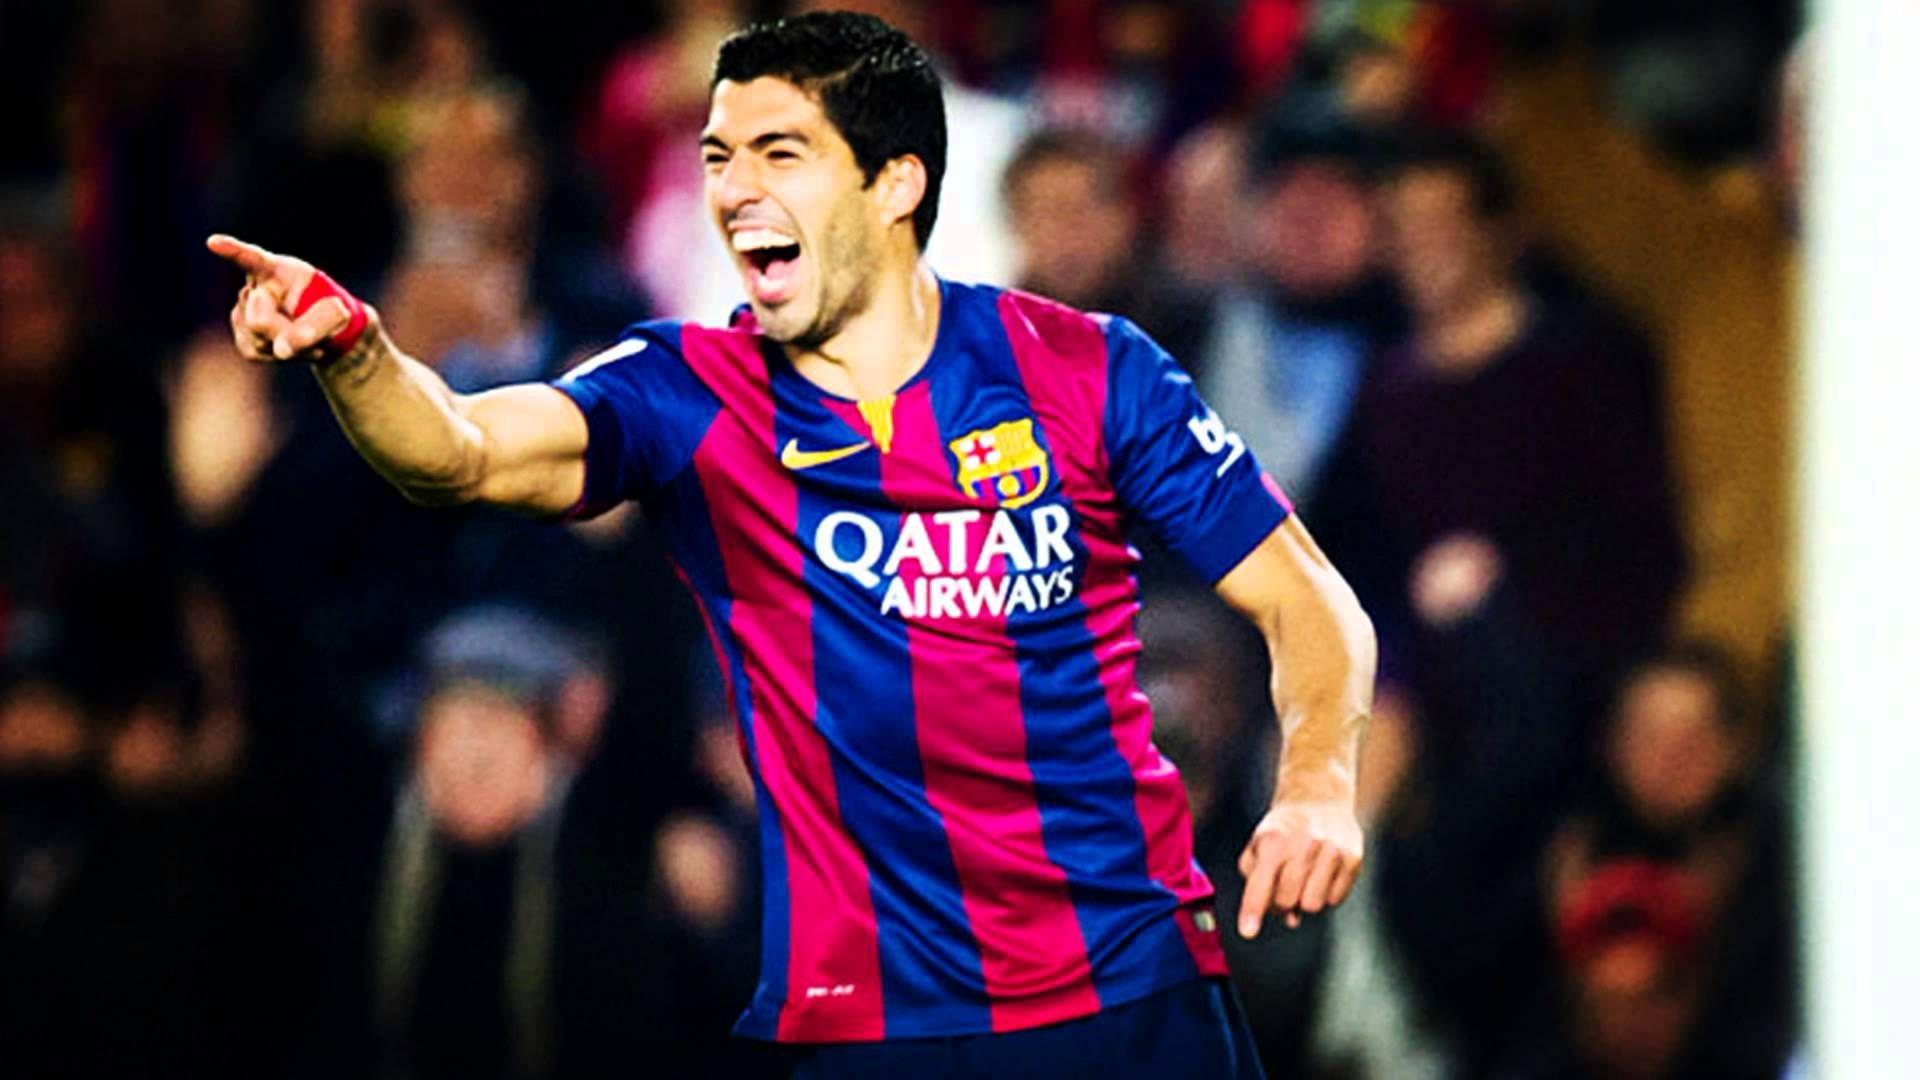 Barcelona vs Rayo Vallecano 1 : 0 Luis Suarez Goal - ( La Liga ) 2015